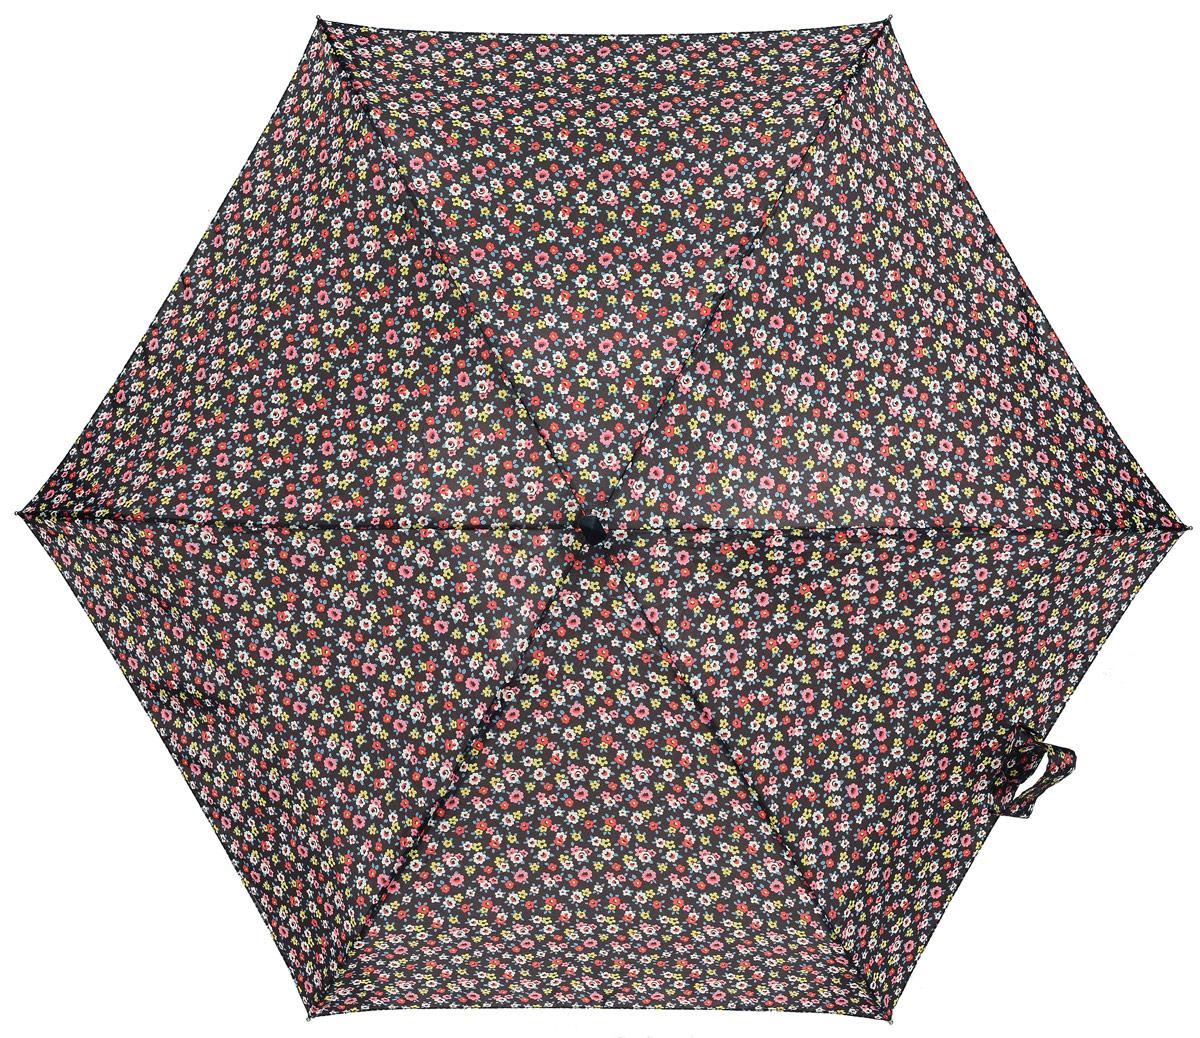 Зонт женский Fulton Cath Kidston, механический, 5 сложений, цвет: черный, мультиколор. L521-3059L521-3059 RoseCharcoalEnlargedКомпактный женский зонт Fulton выполнен из металла и пластика. Каркас зонта выполнен из шести спиц на прочном алюминиевом стержне. Купол зонта изготовлен из прочного полиэстера. Закрытый купол застегивается на хлястик с липучкой. Практичная рукоятка закругленной формы разработана с учетом требований эргономики и выполнена из натурального дерева. Зонт складывается и раскладывается механическим способом. Зонт дополнен легким плоским чехлом. Такая модель не только надежно защитит от дождя, но и станет стильным аксессуаром.